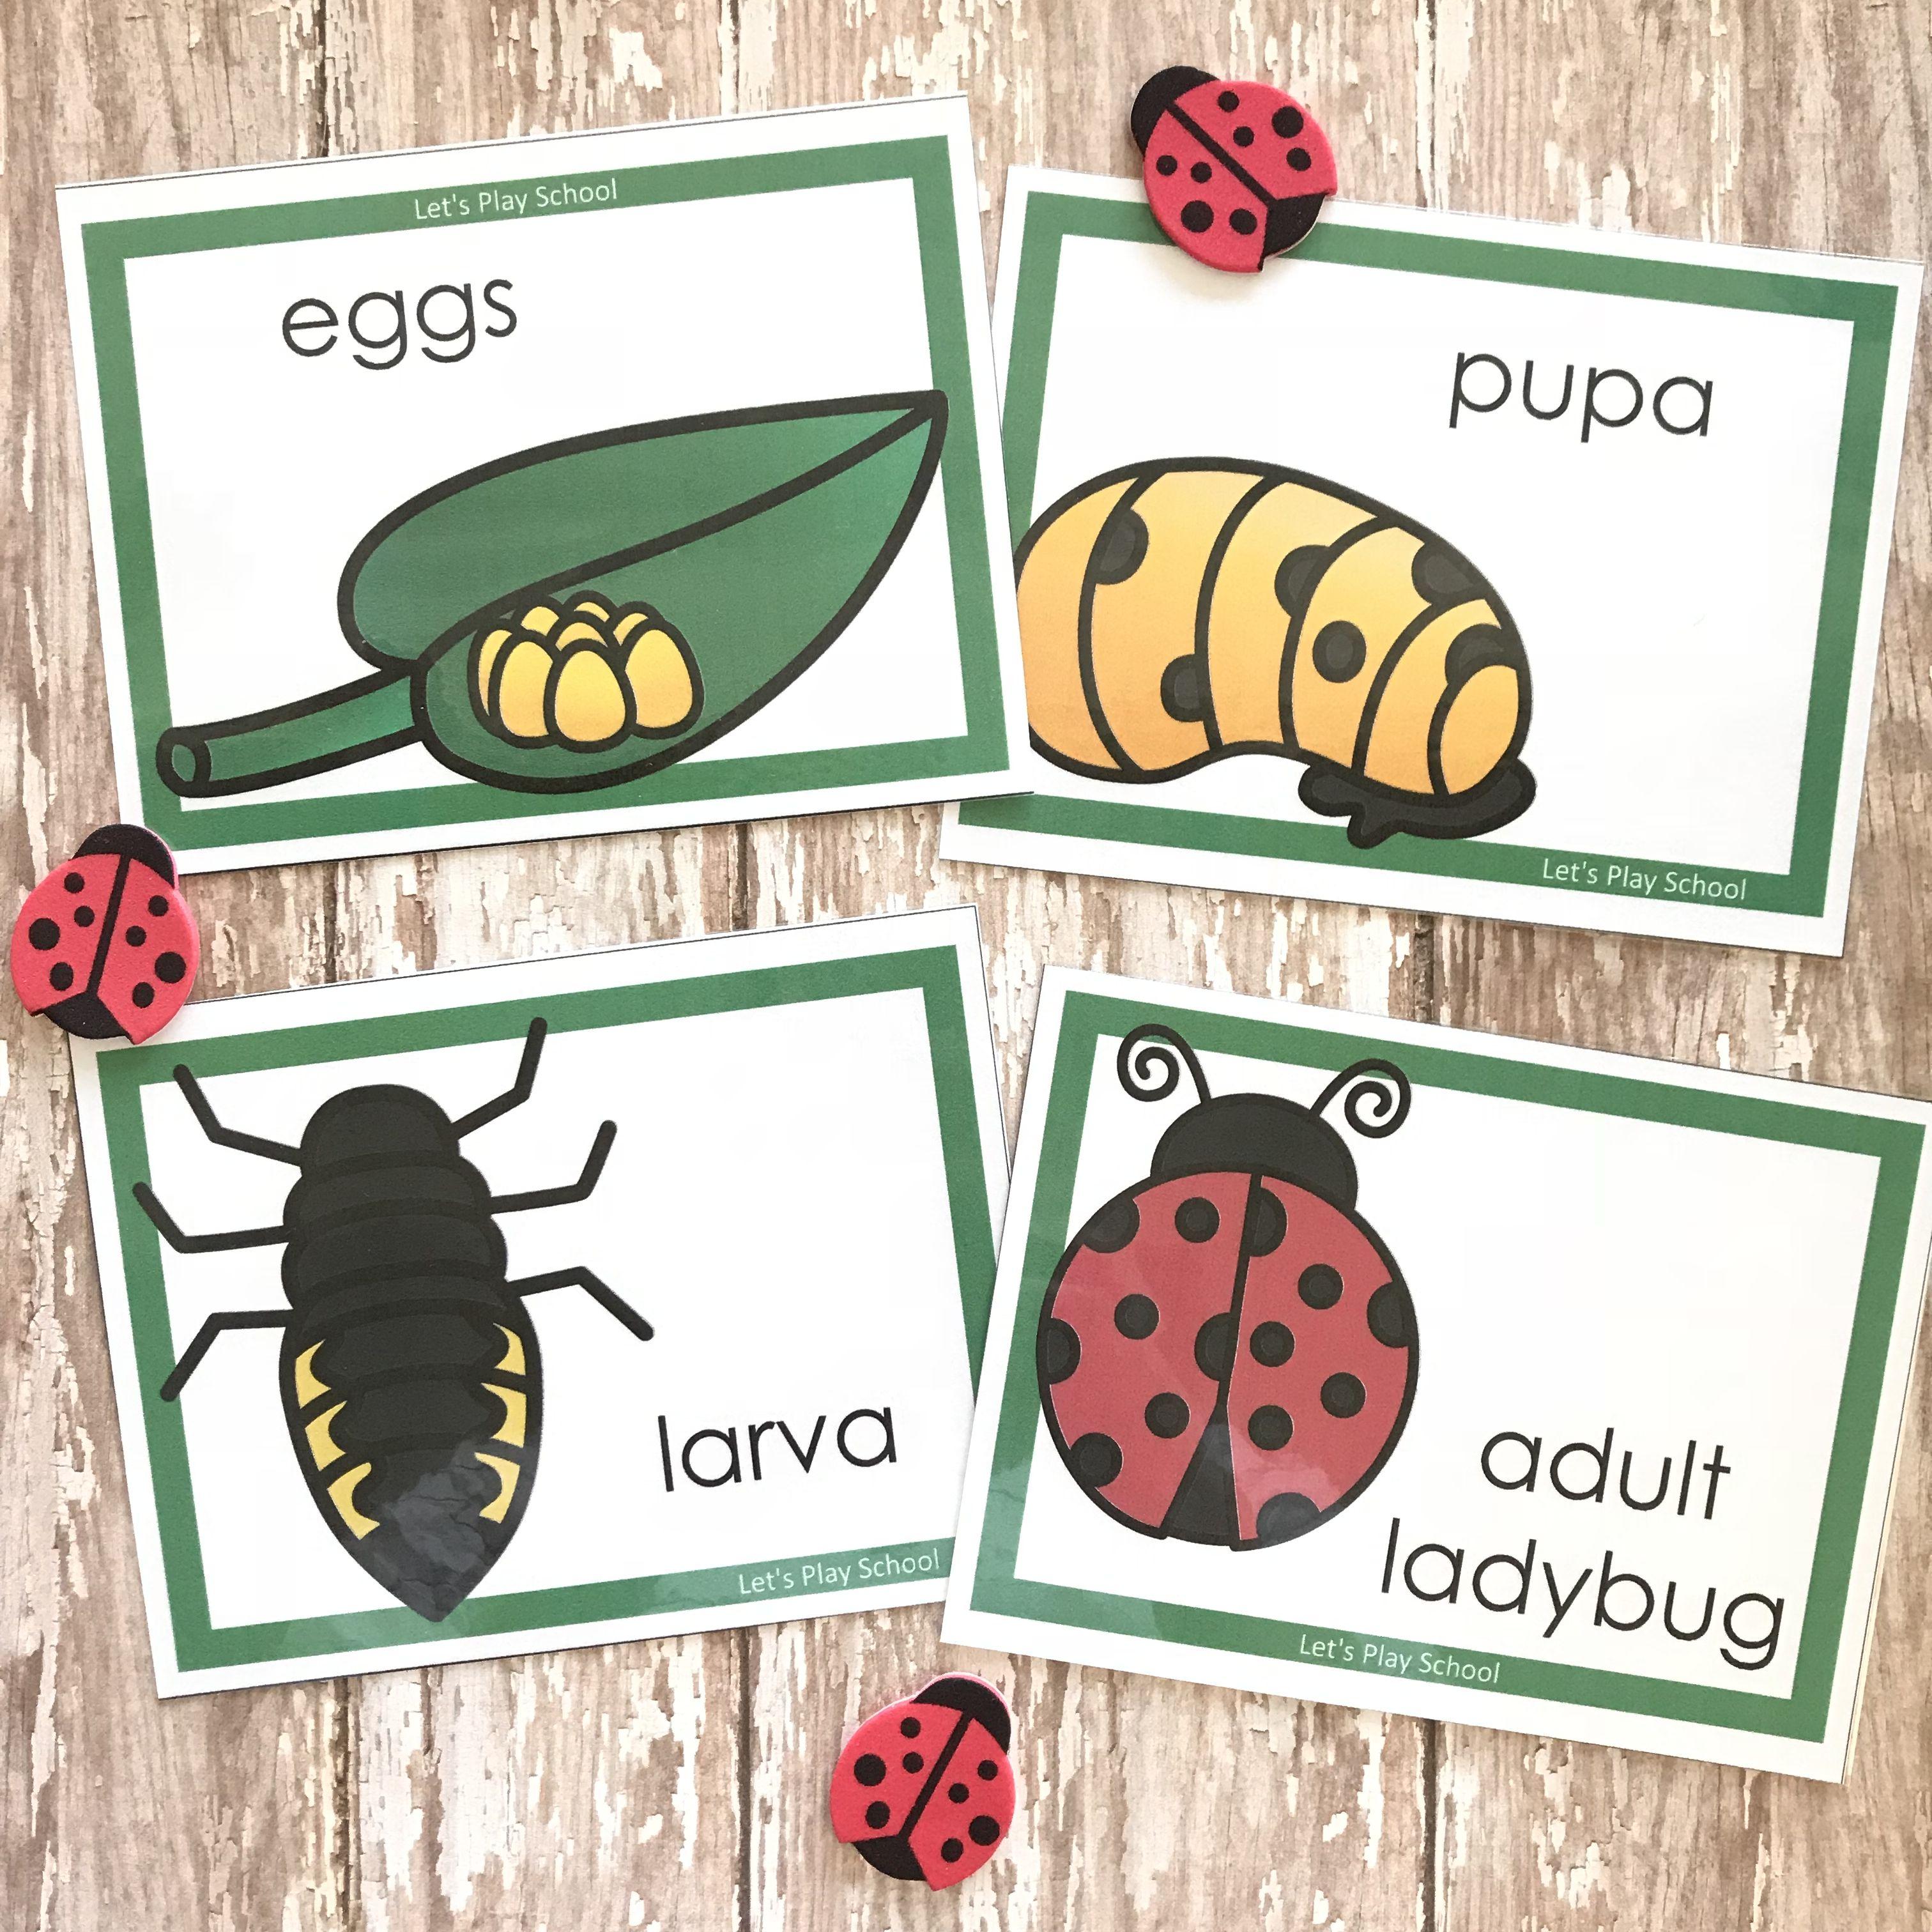 Little School Of Smith S Ladybug Week